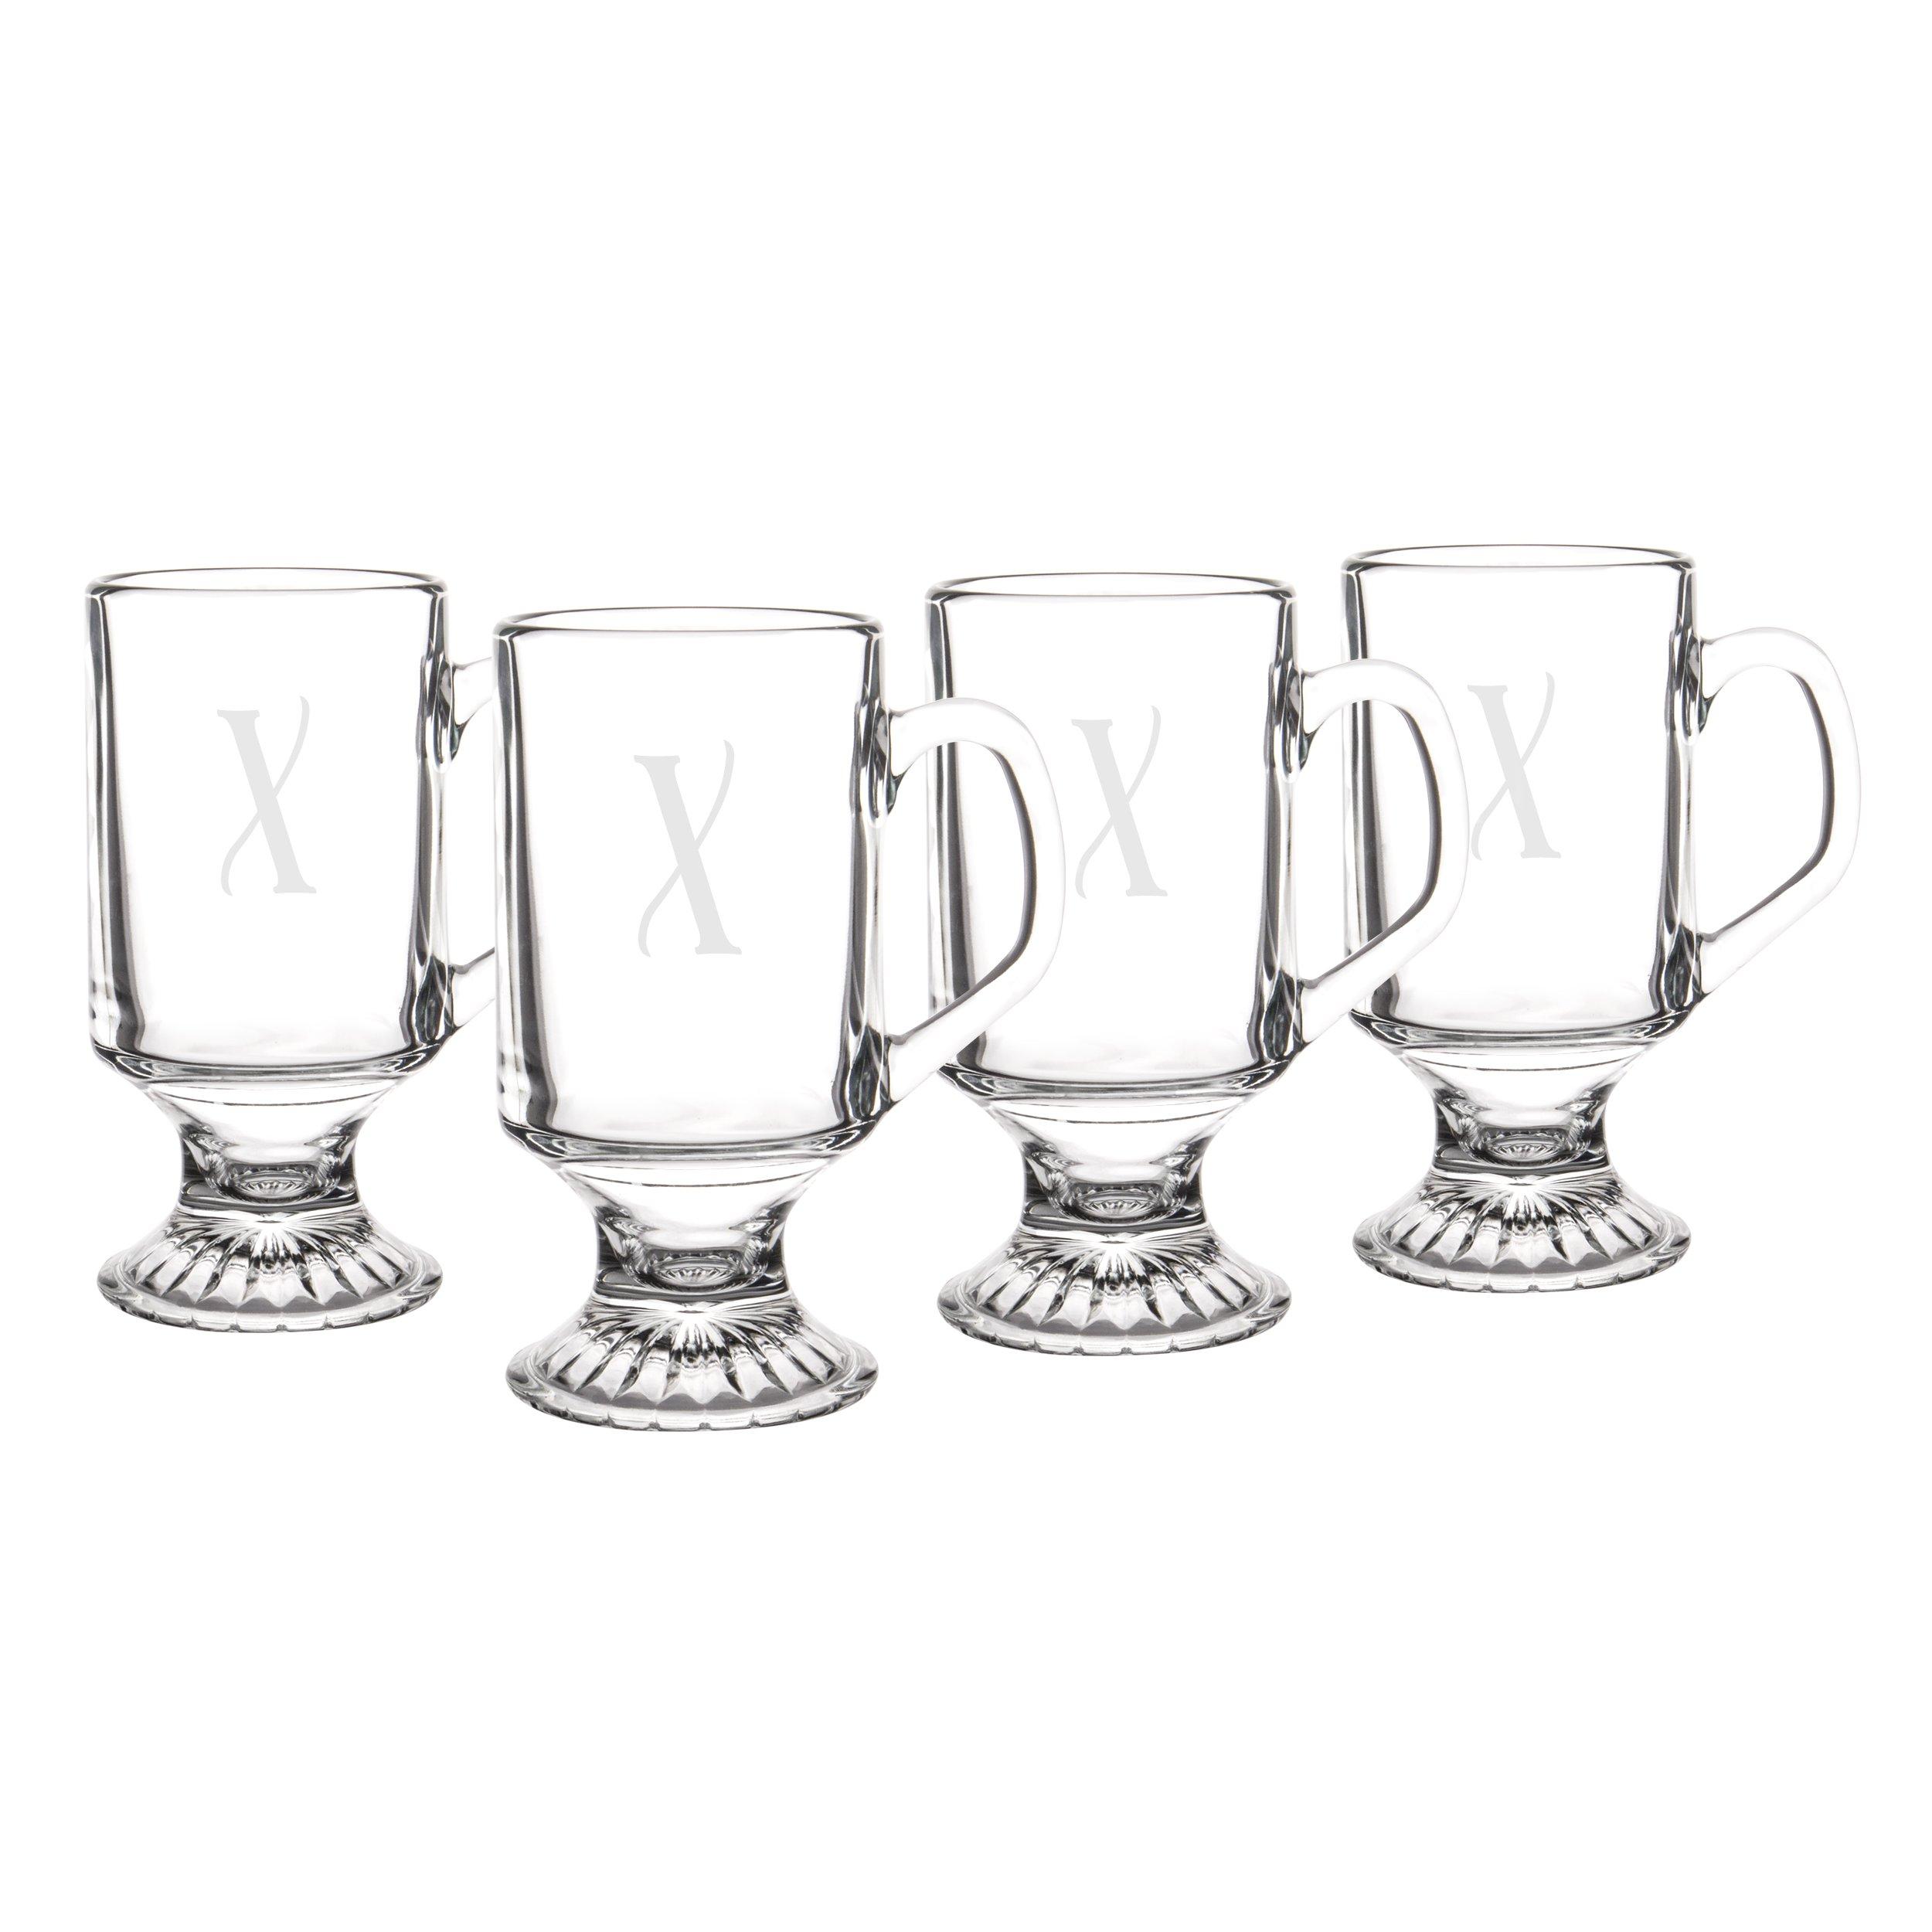 Personalized Irish Glass Coffee Mugs, Set of 4, Letter X